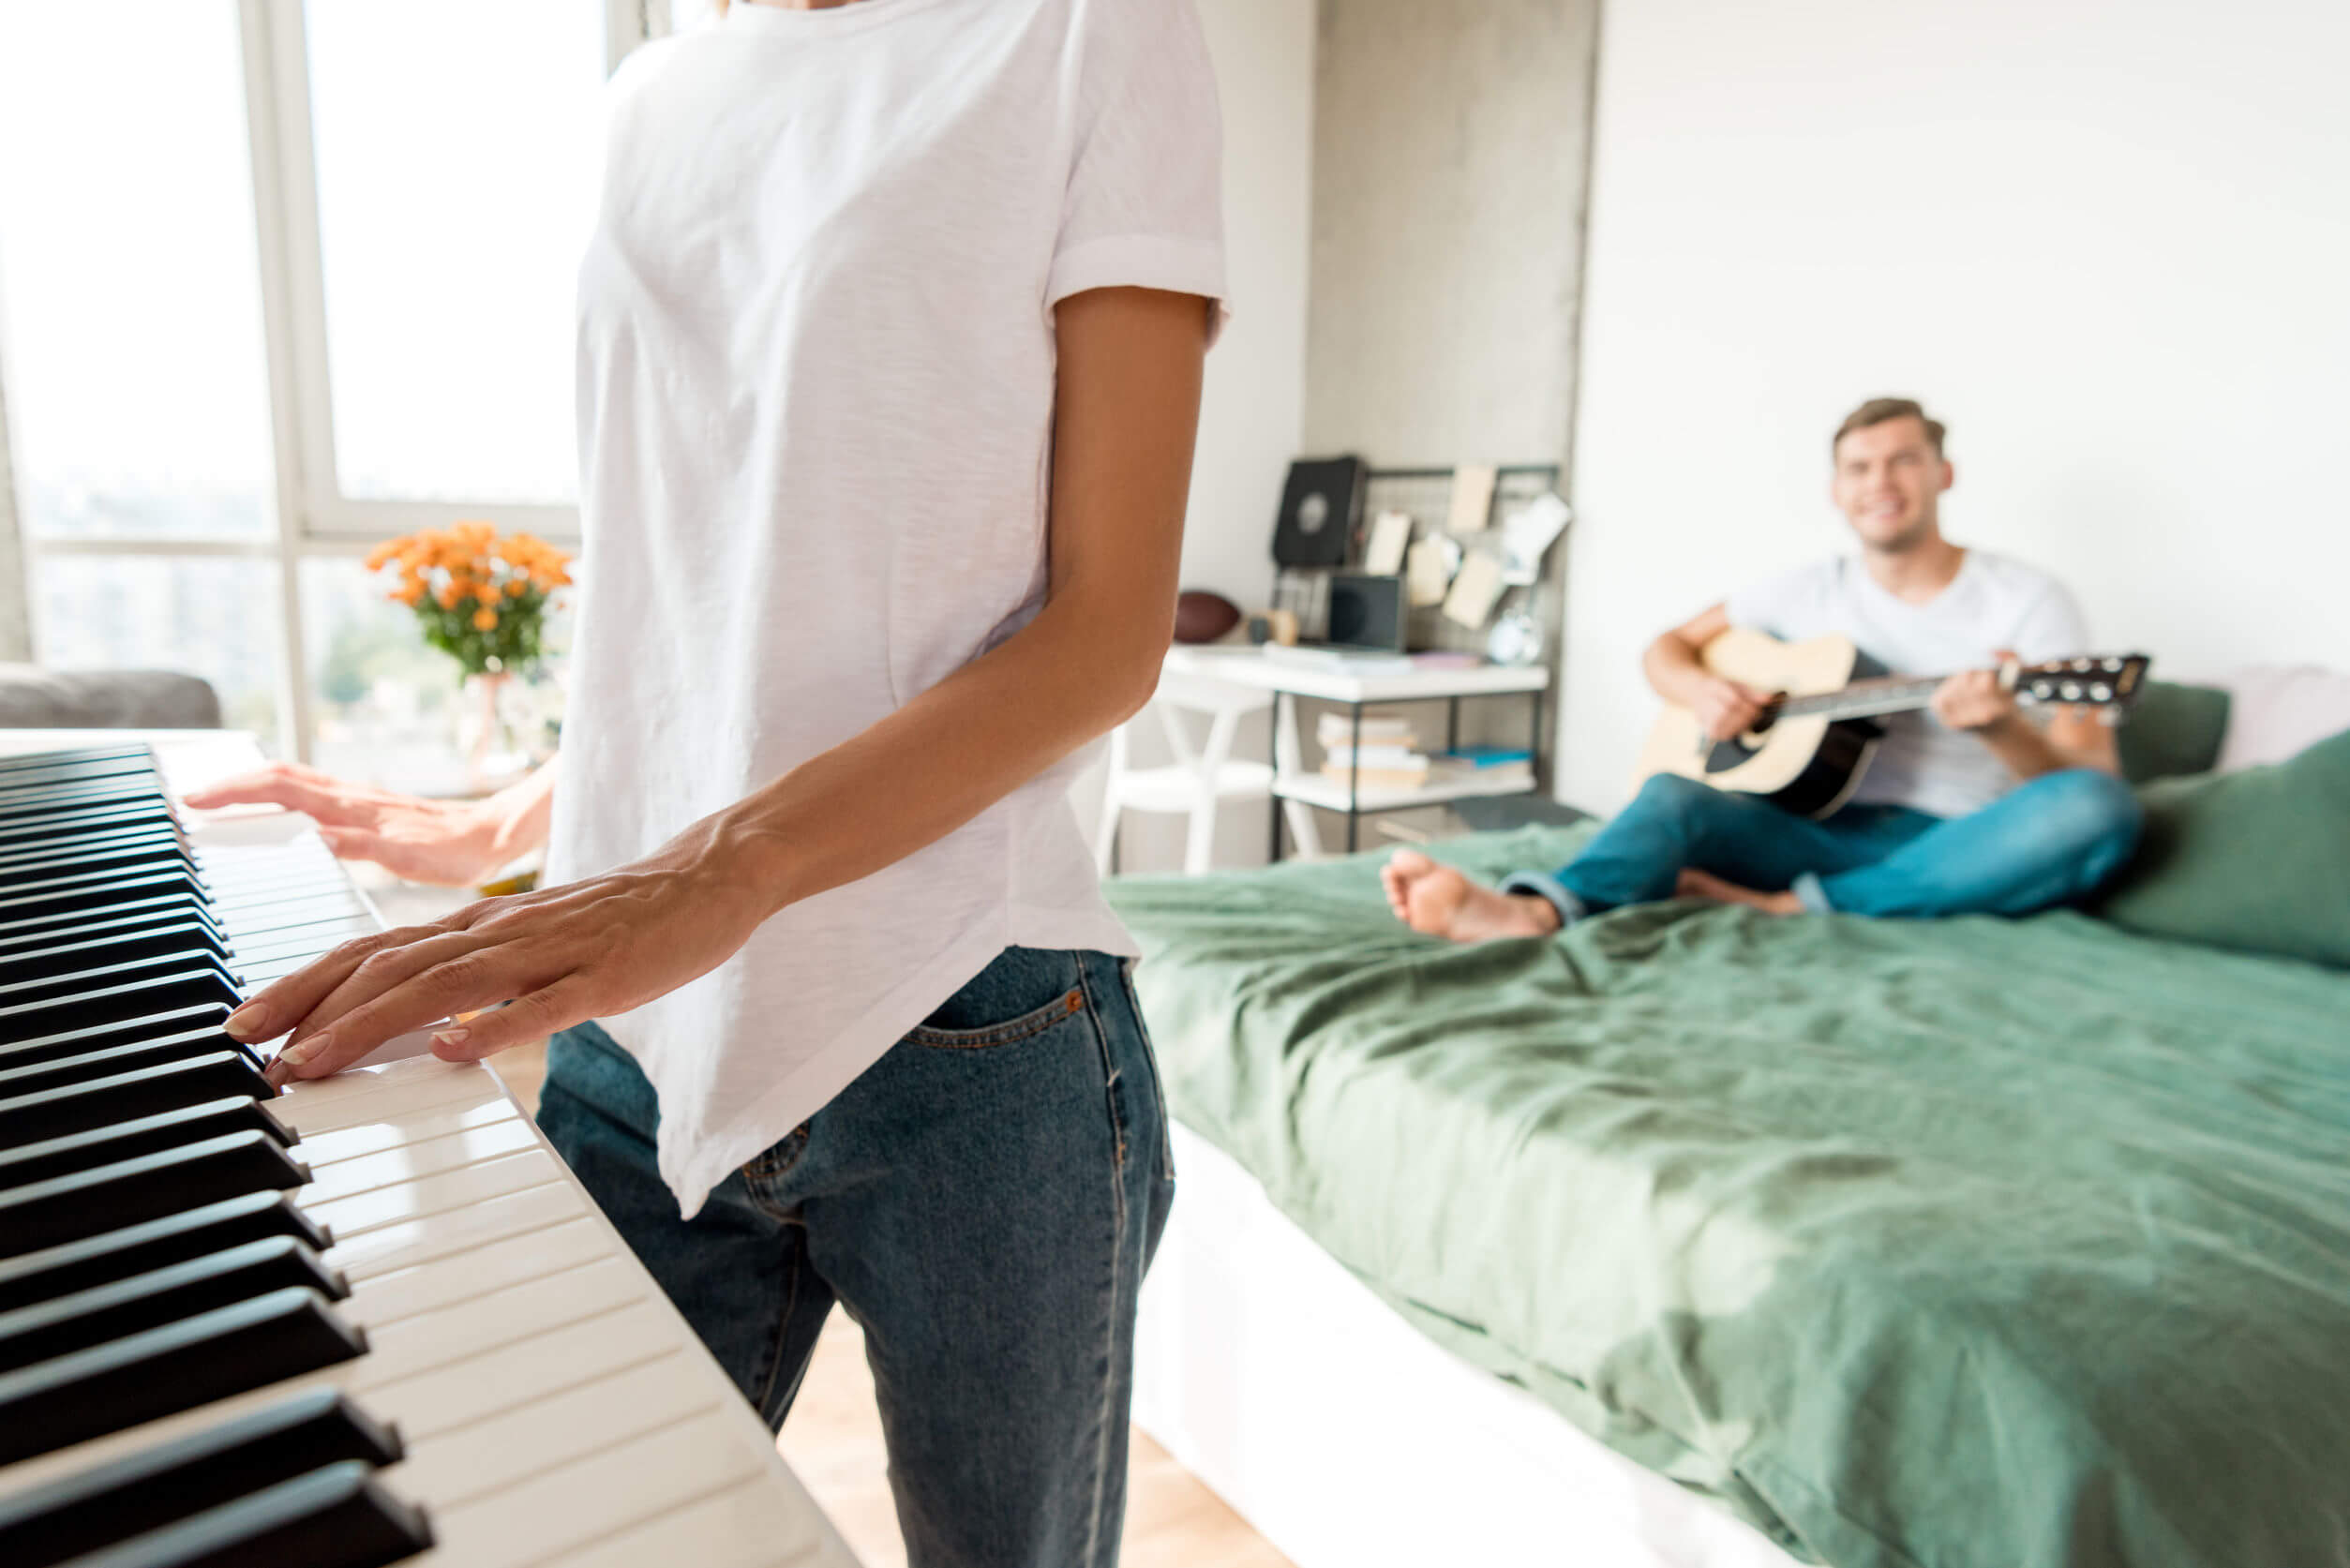 Algunos alcanzan el estado de flow tocando instrumentos.